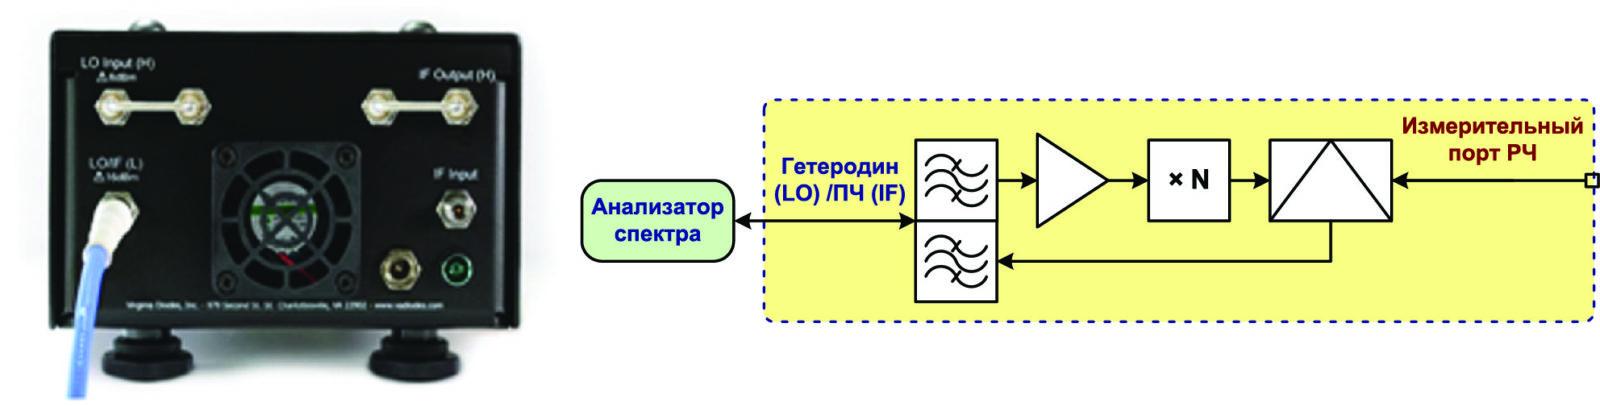 Расширение рабочего диапазона анализатора спектра; входной порт ПЧ не используется